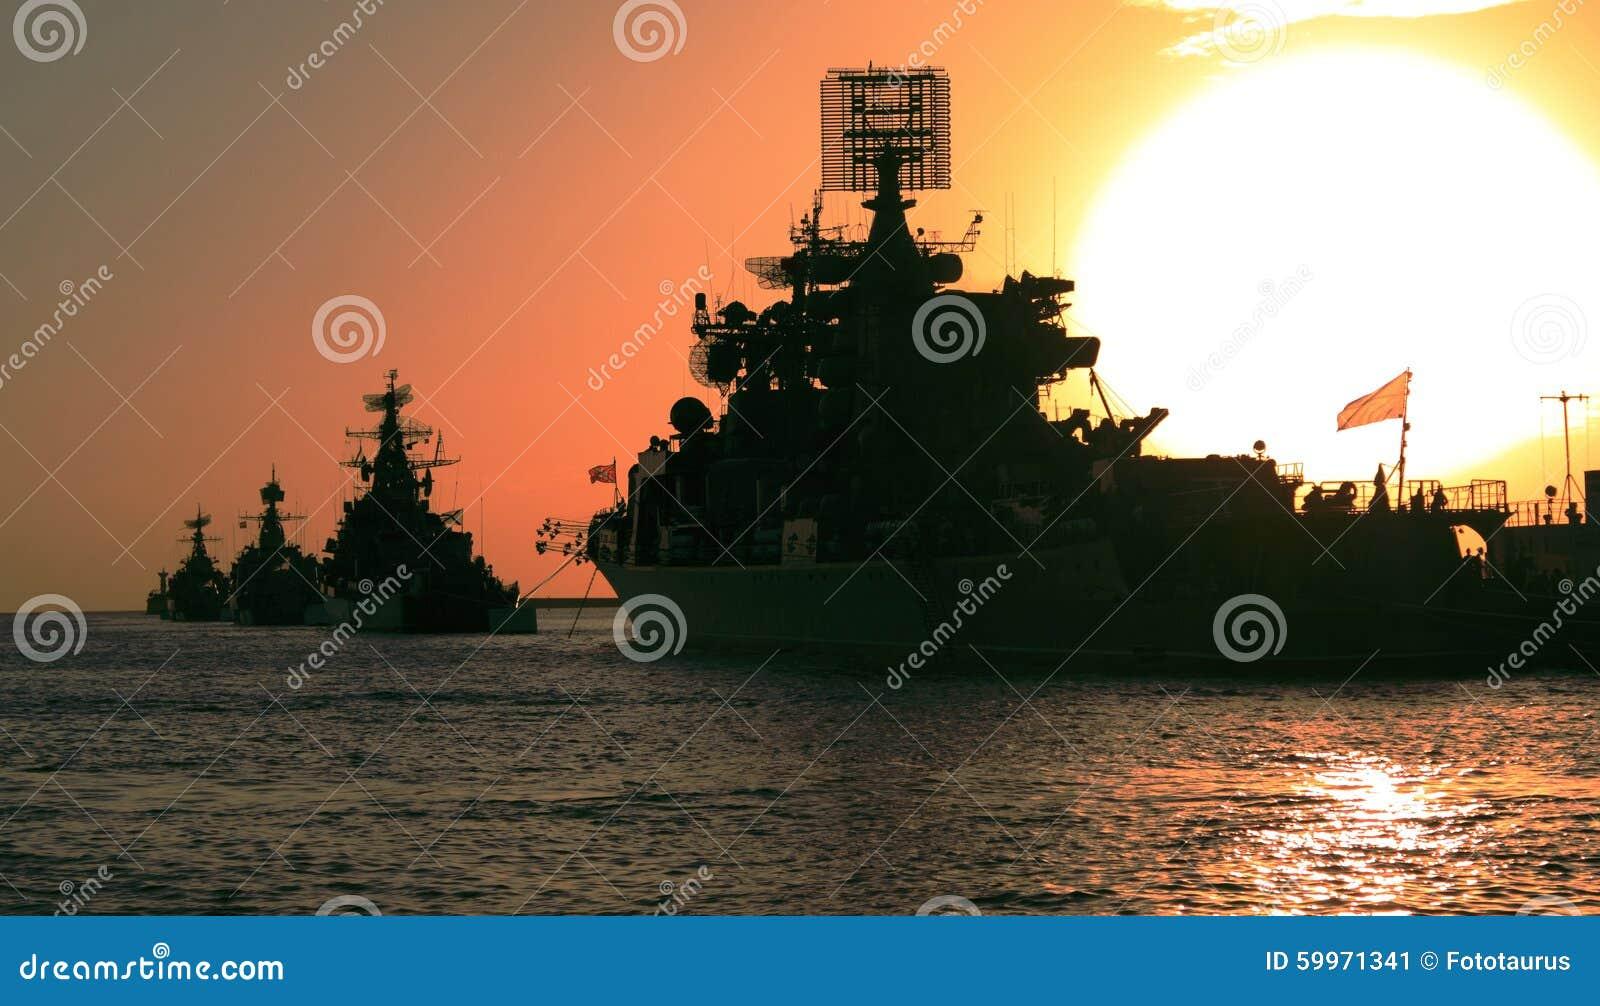 Battle sunset